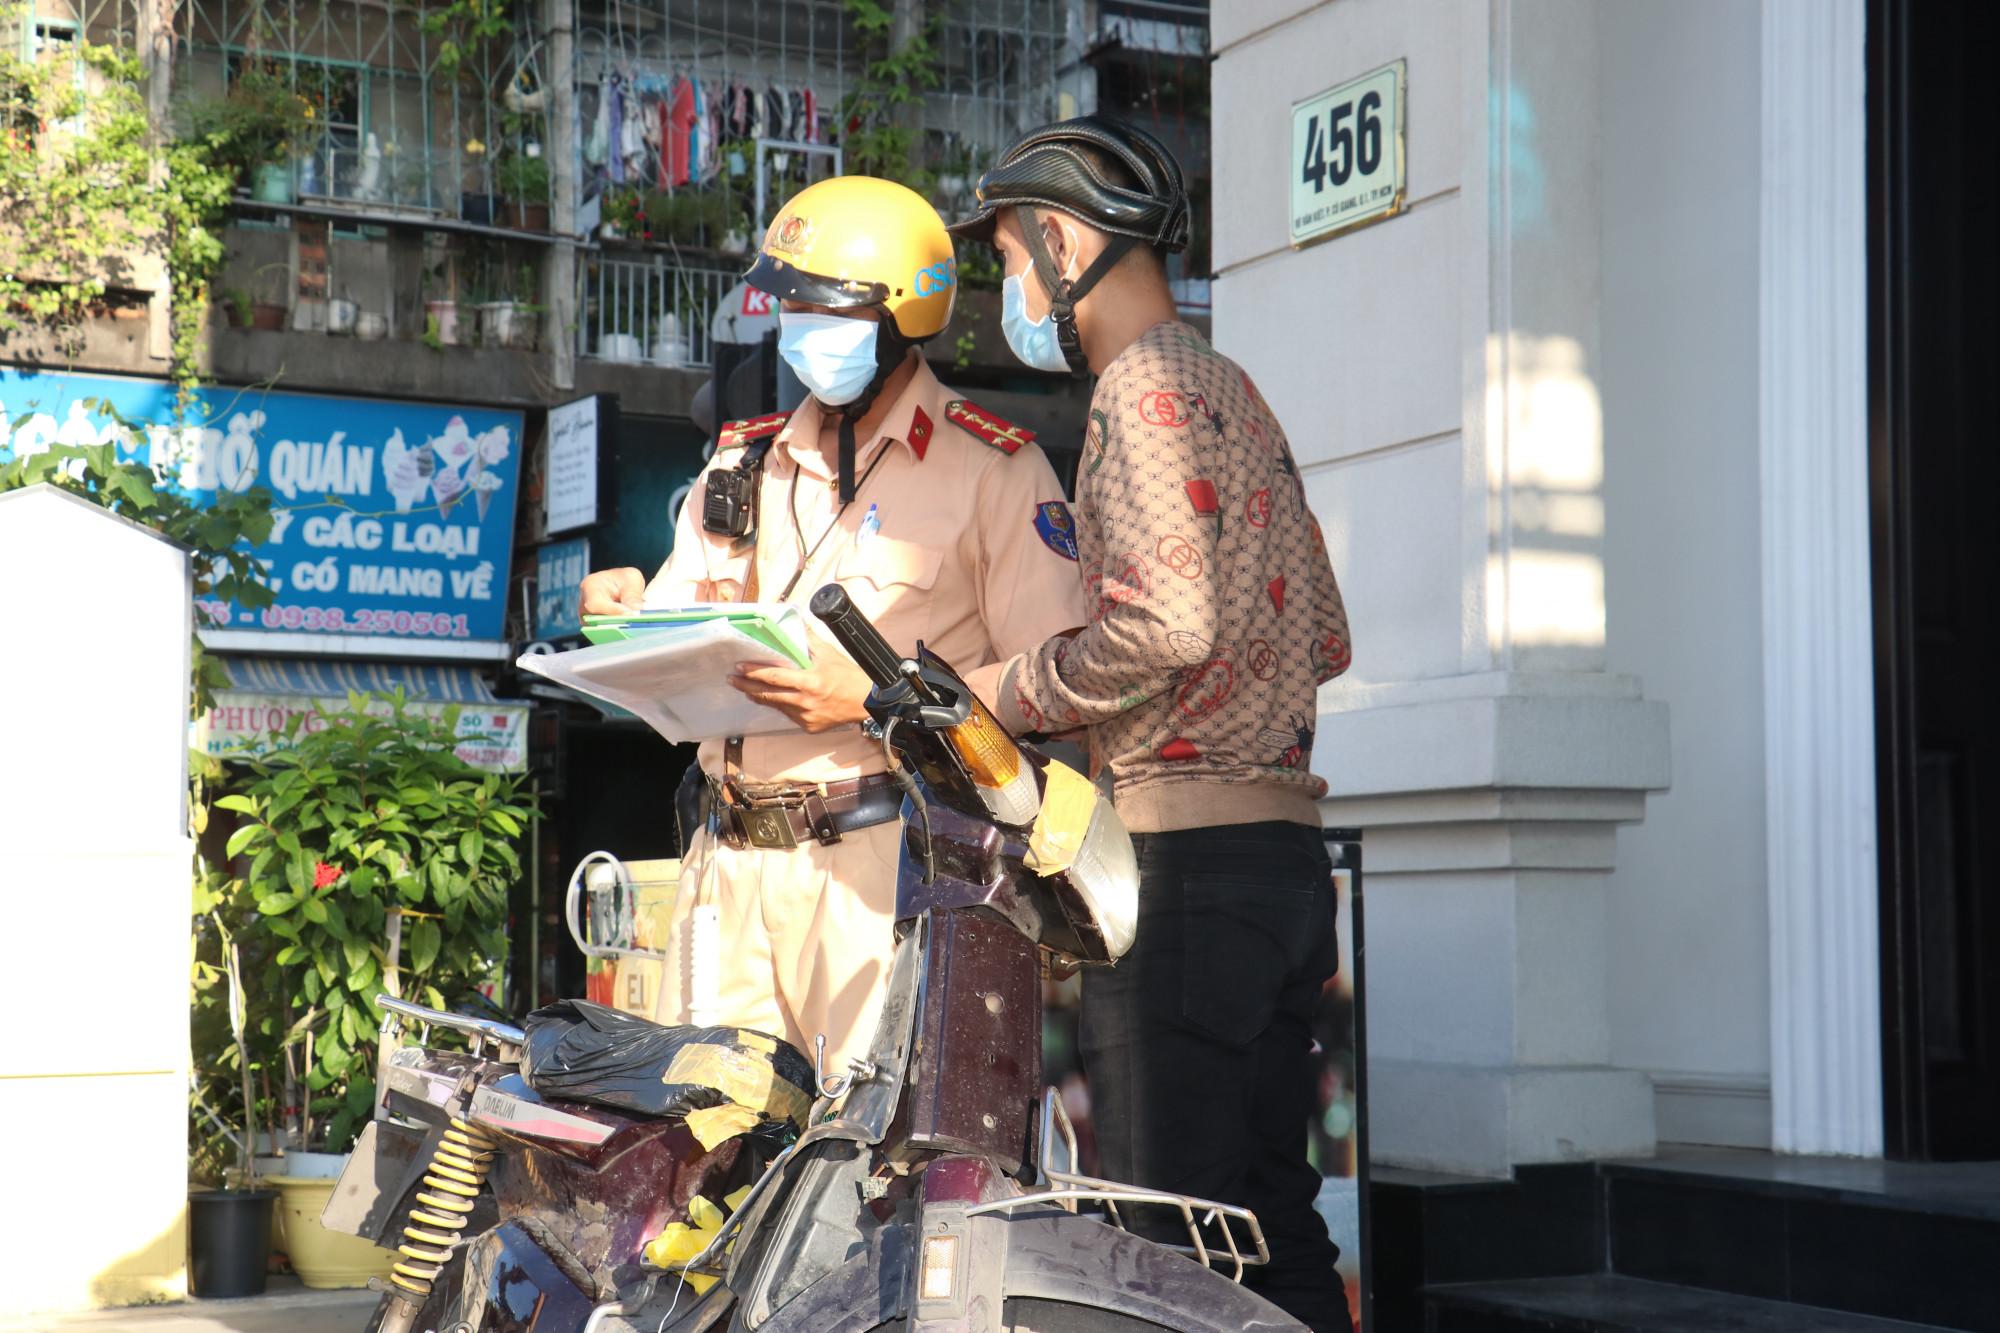 Thanh niên điều khiển xe máy chạy vào đường cấm, không mang theo giấy đăng ký xe bị xử phạt.